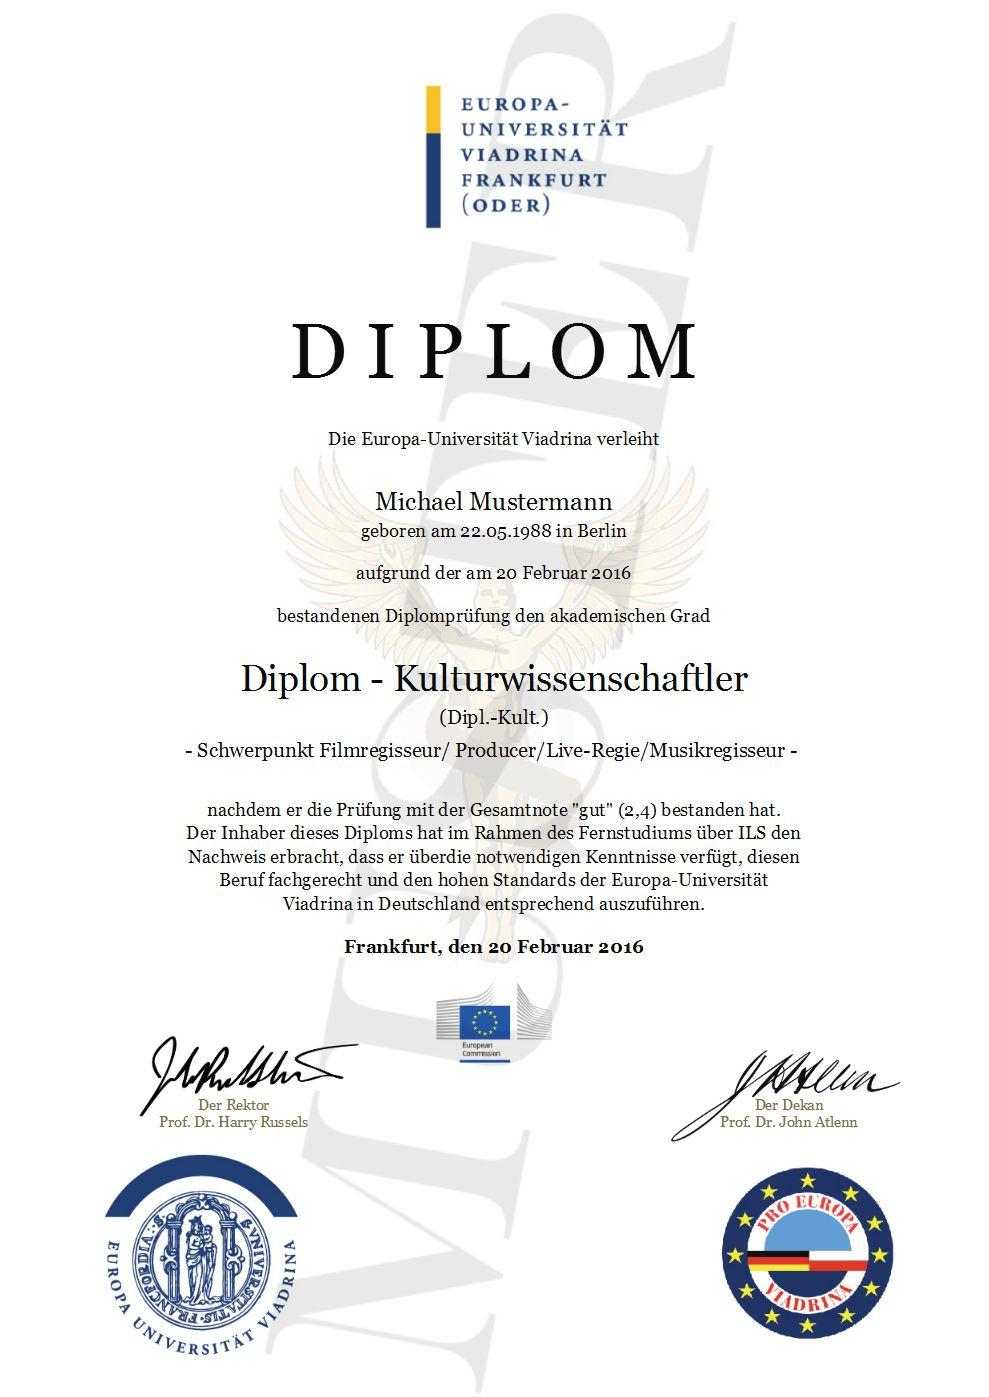 Masterabschluss Diplomabschluss Oder Magisterabschluss Kaufen Bachelorabschluss Doktortitel Online Kaufen Downloa Urkunde Masterabschluss Berufsbezeichnung